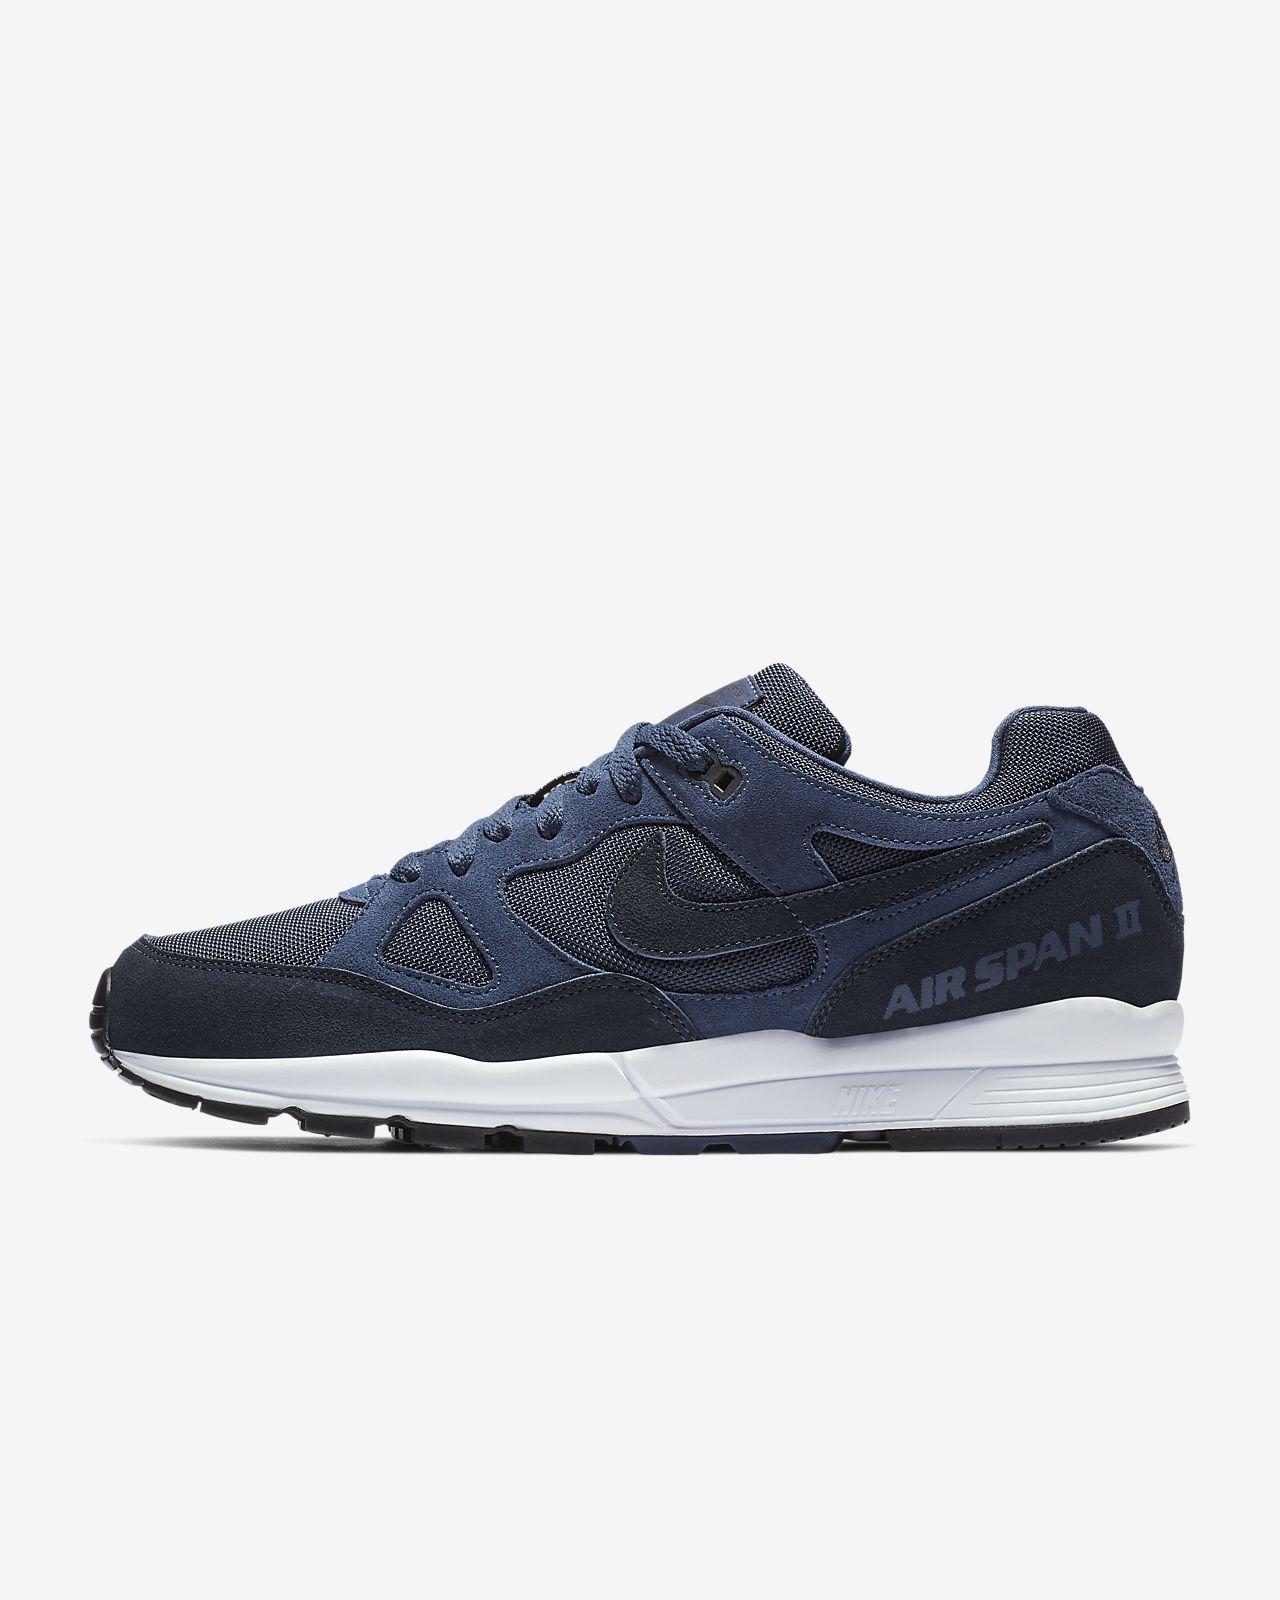 new concept 6fa74 6a57f ... Nike Air Span II SE-sko til mænd